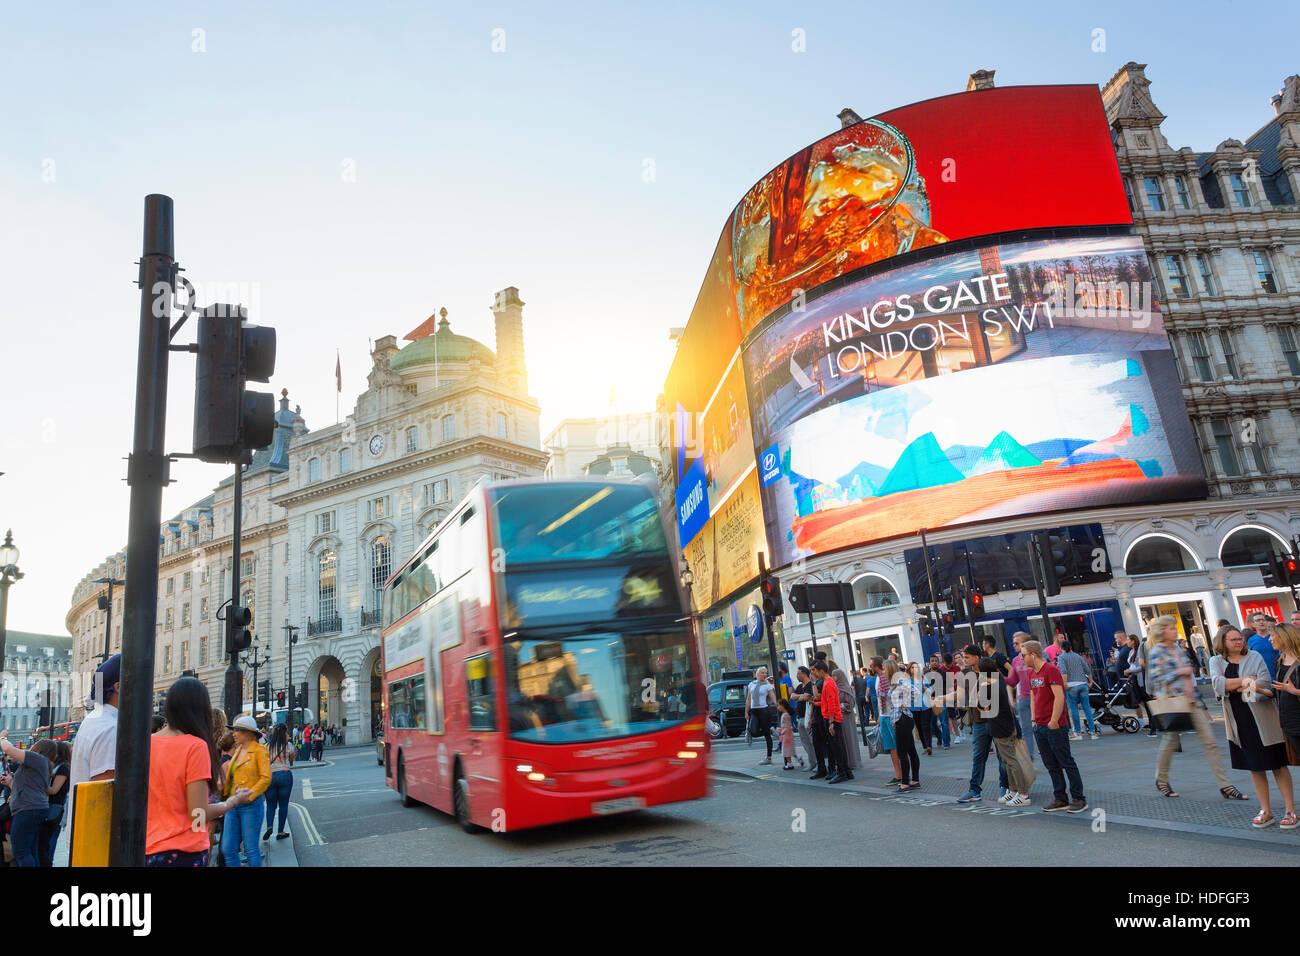 LONDON - Piccadilly Circus Kreuzung überfüllt von Menschen in London, UK. Es ist ein Verkehrsknotenpunkt Stockbild